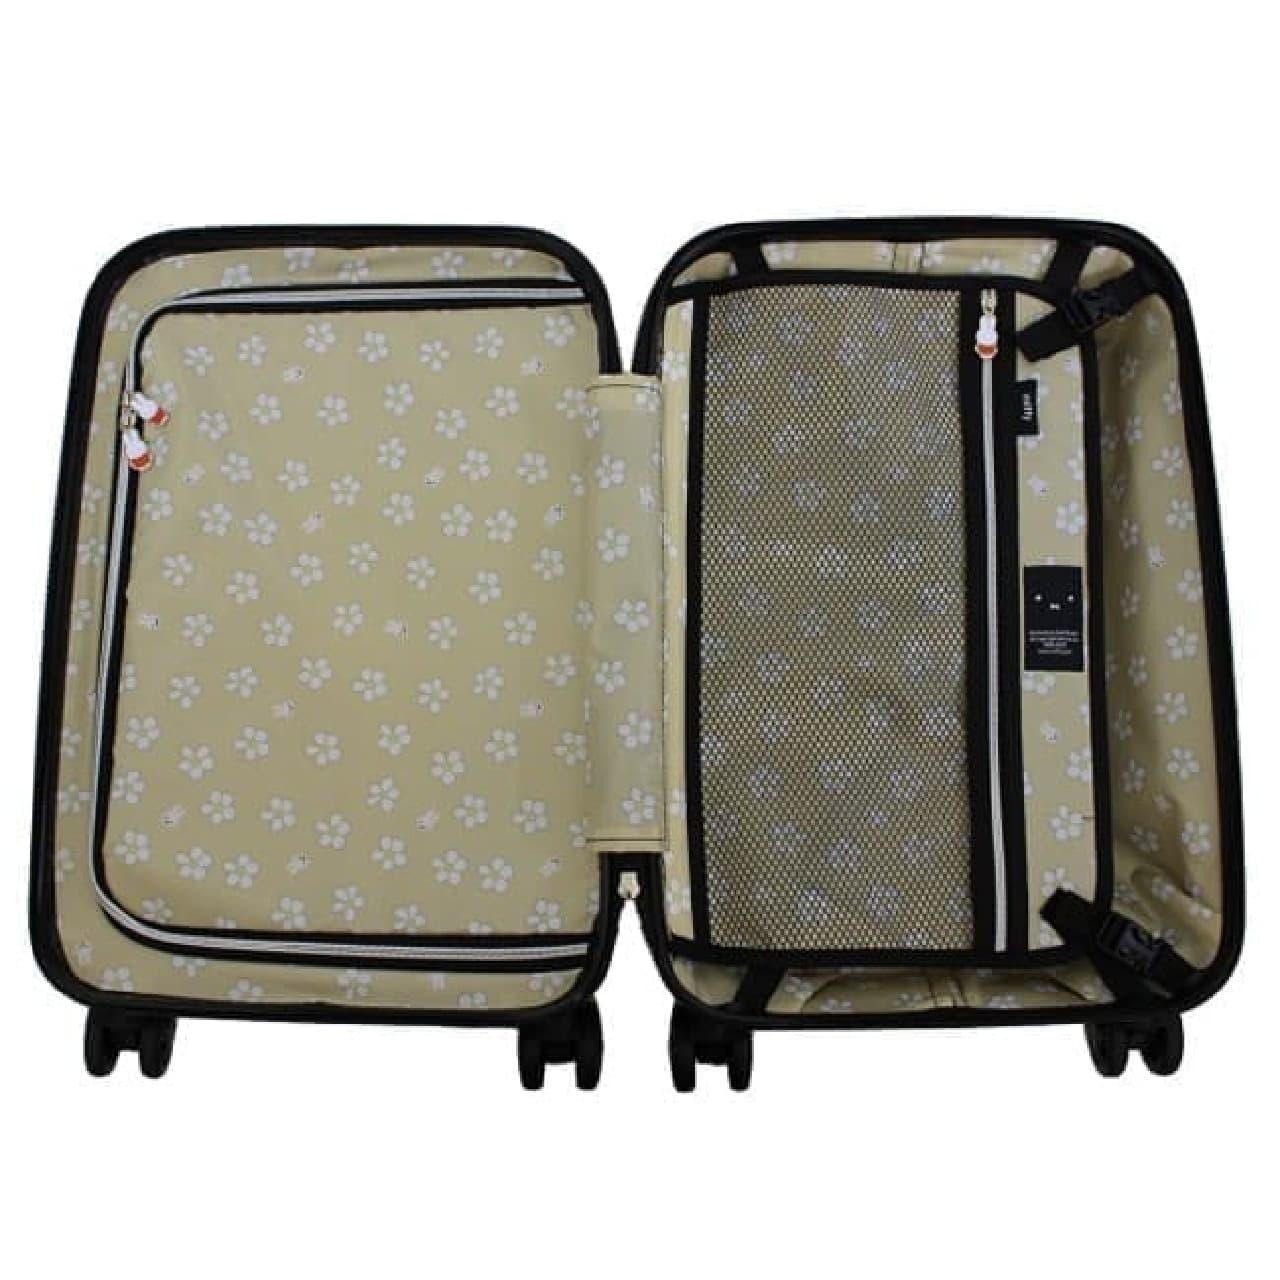 ミッフィー柄スーツケースがヴィレヴァンに -- ファスナーも可愛い